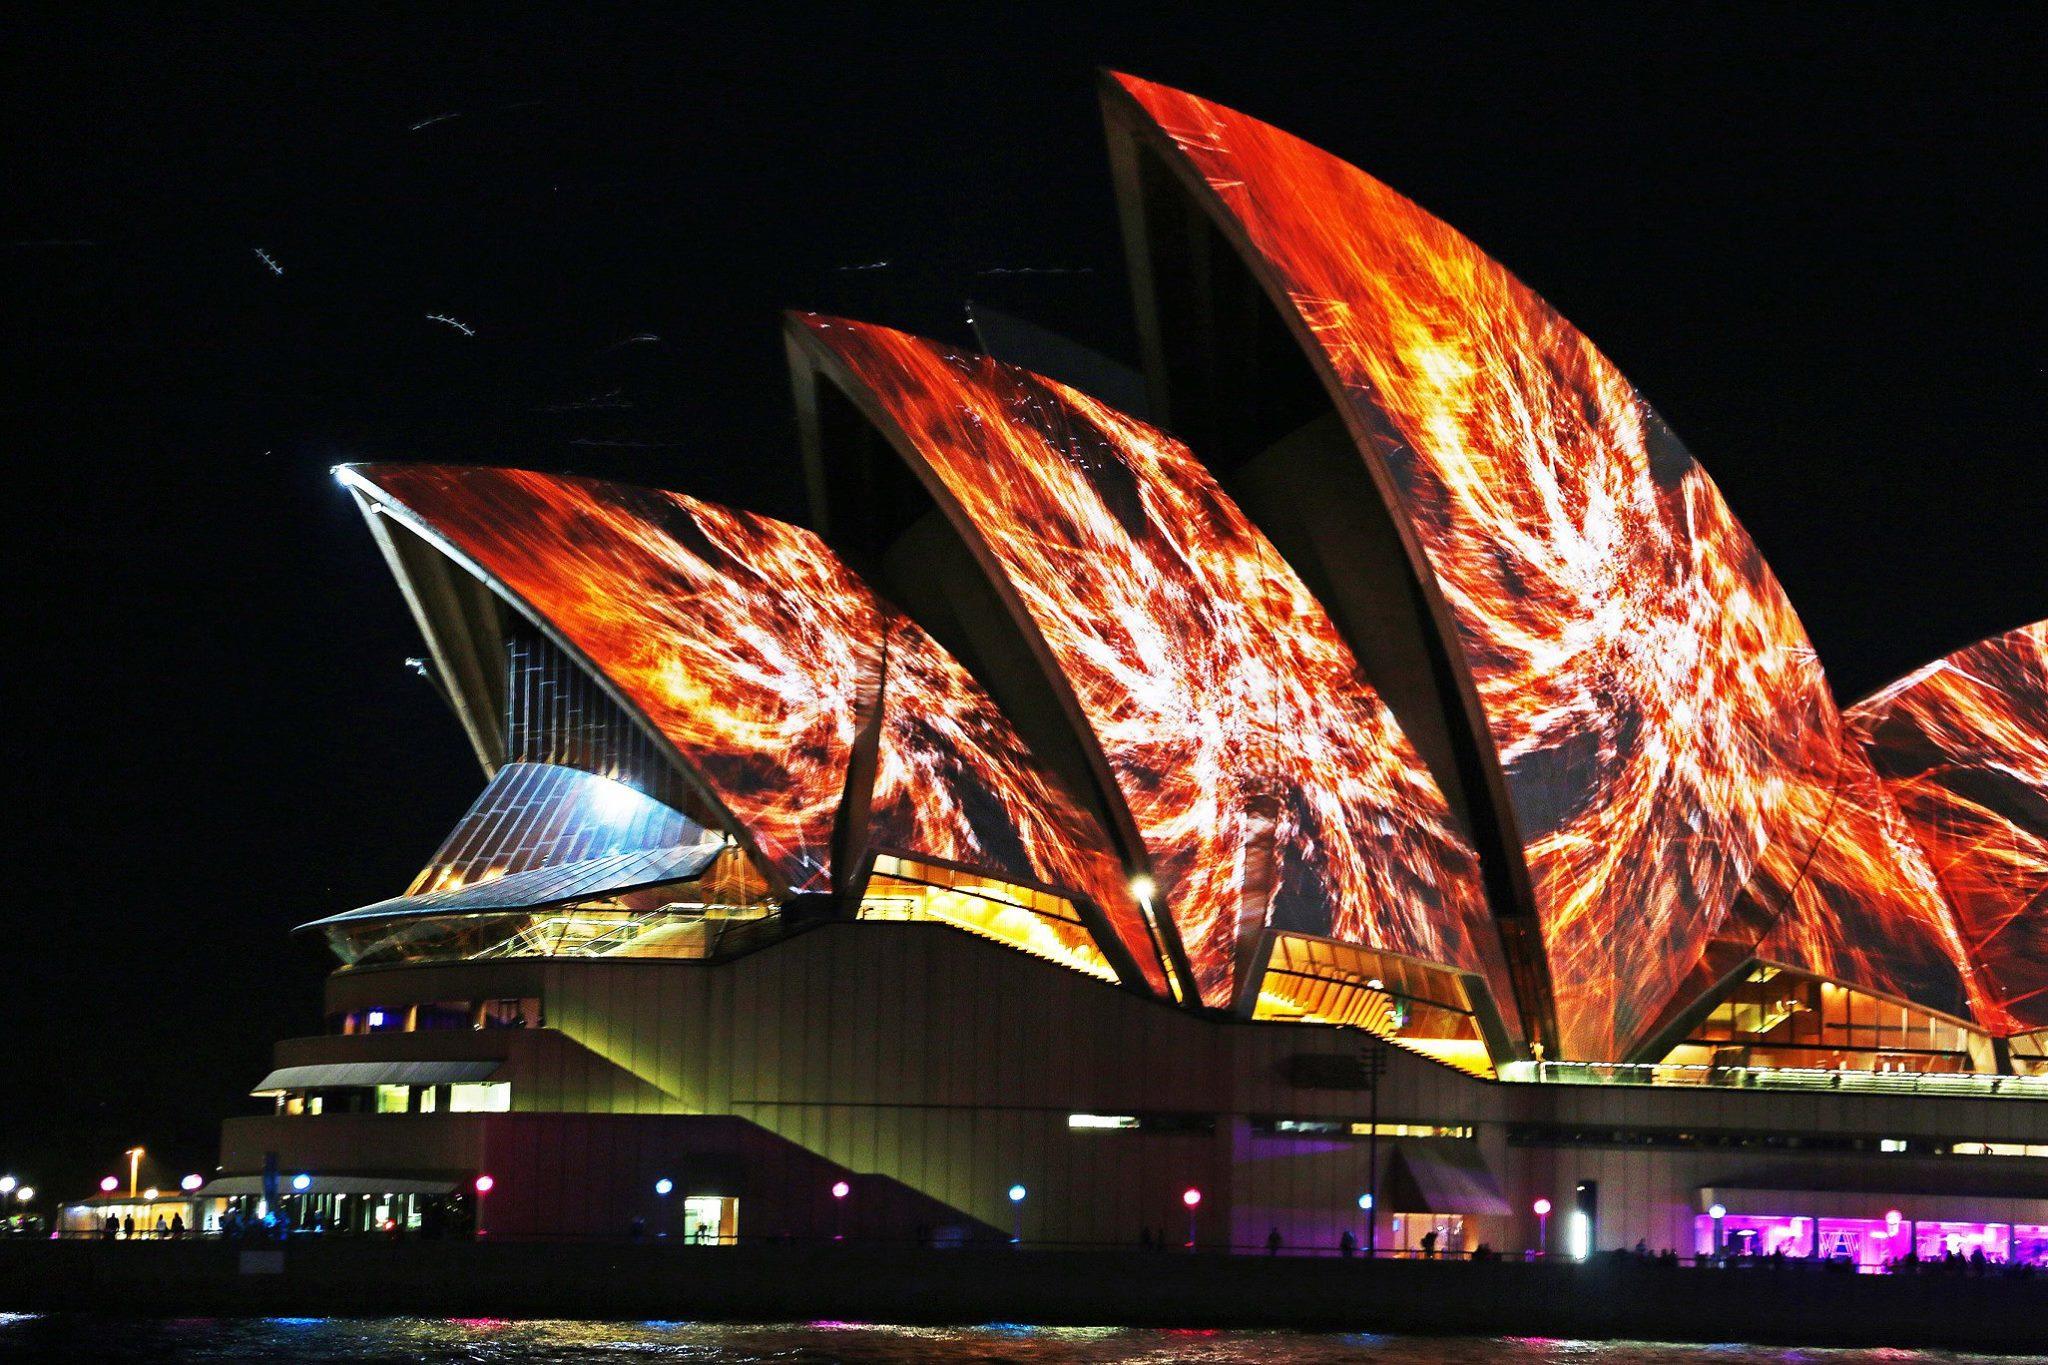 Metamathemagical - Tất tần tật mọi thứ bạn cần biết về Vivid Sydney 2018